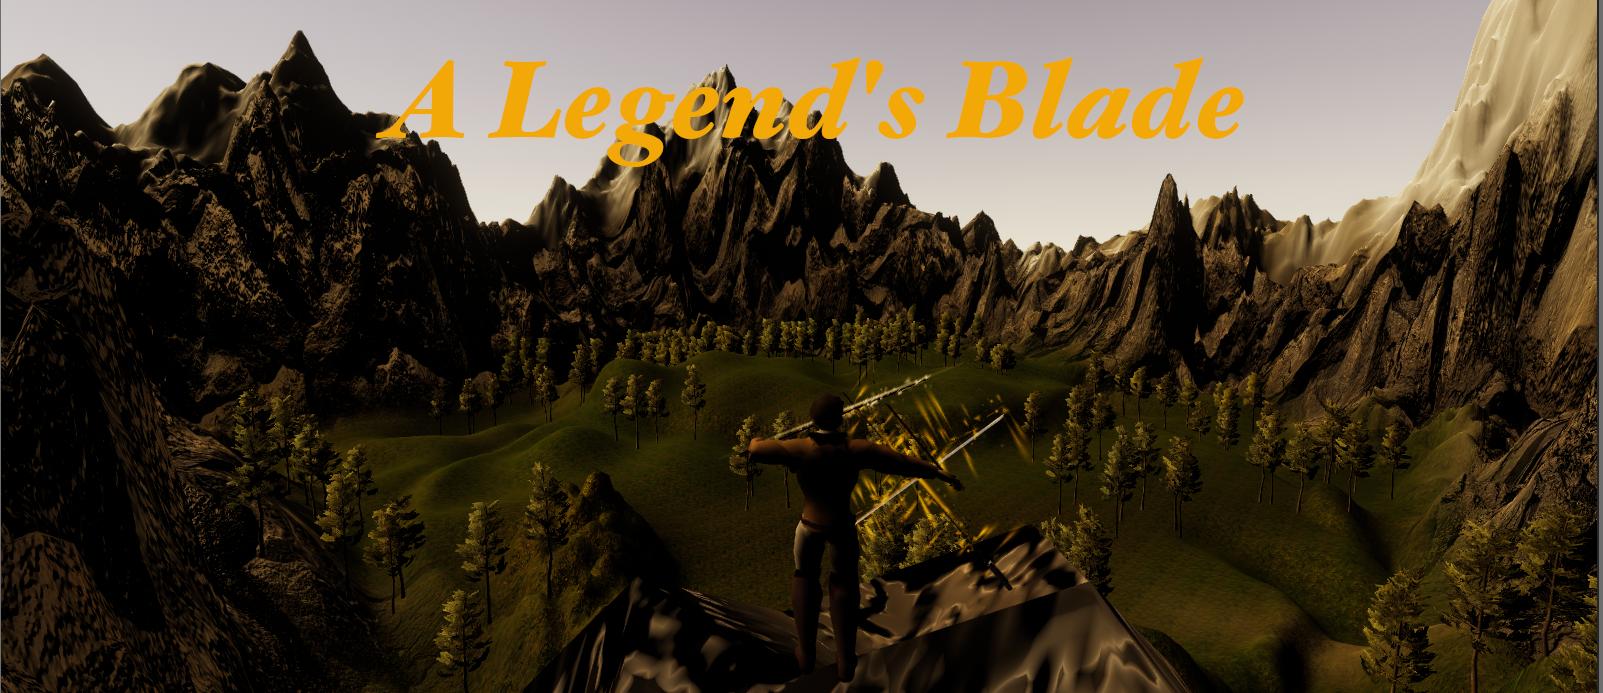 A Legend's Blade